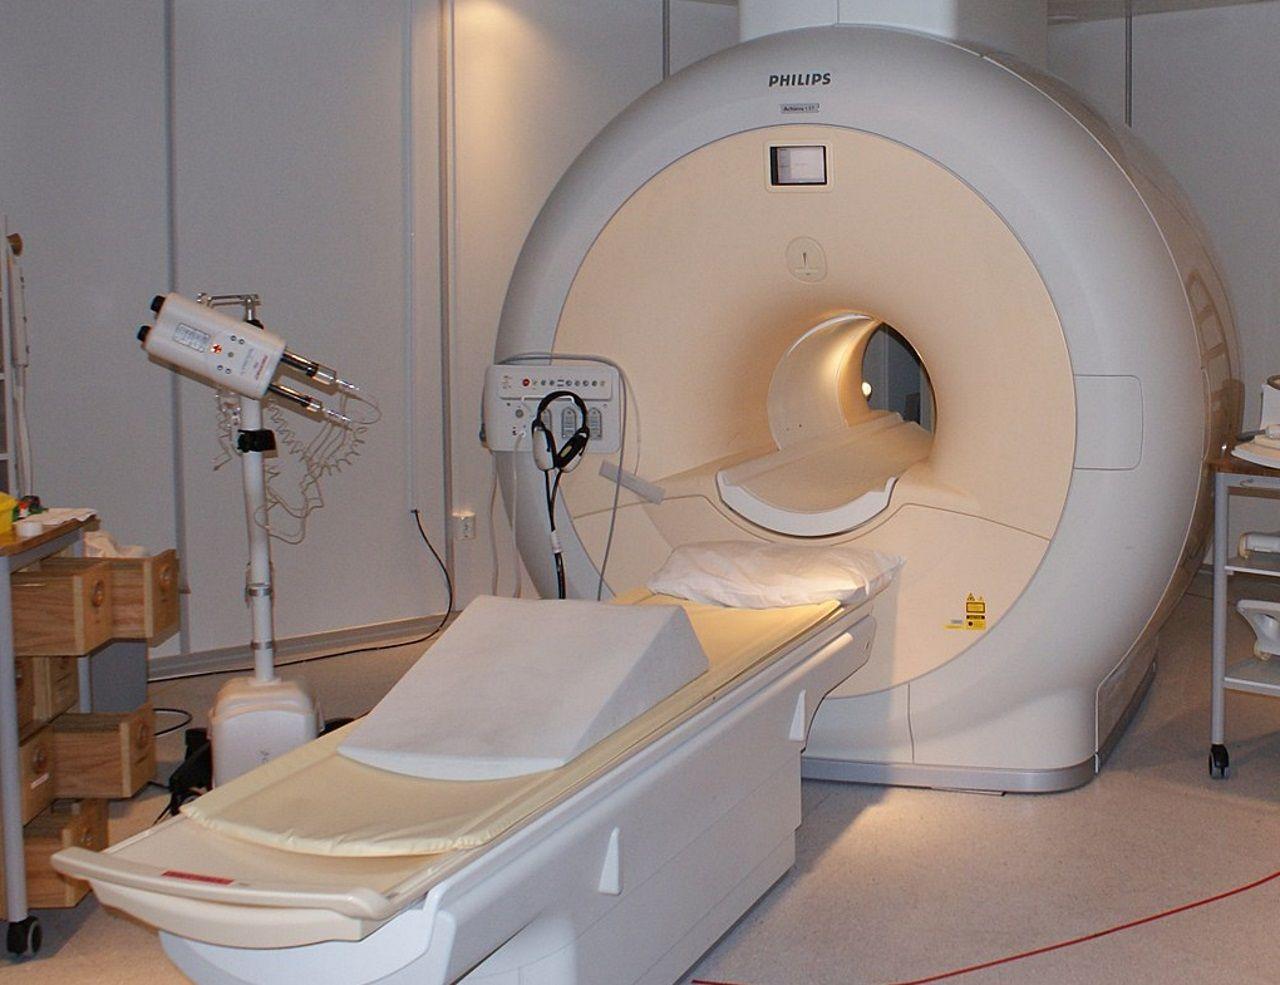 Resonancia Magnética Nuclear. Es una tecnología médica fundamental. El software que genera las imágenes usa el sistema de la Nasa para el satélite Landsat